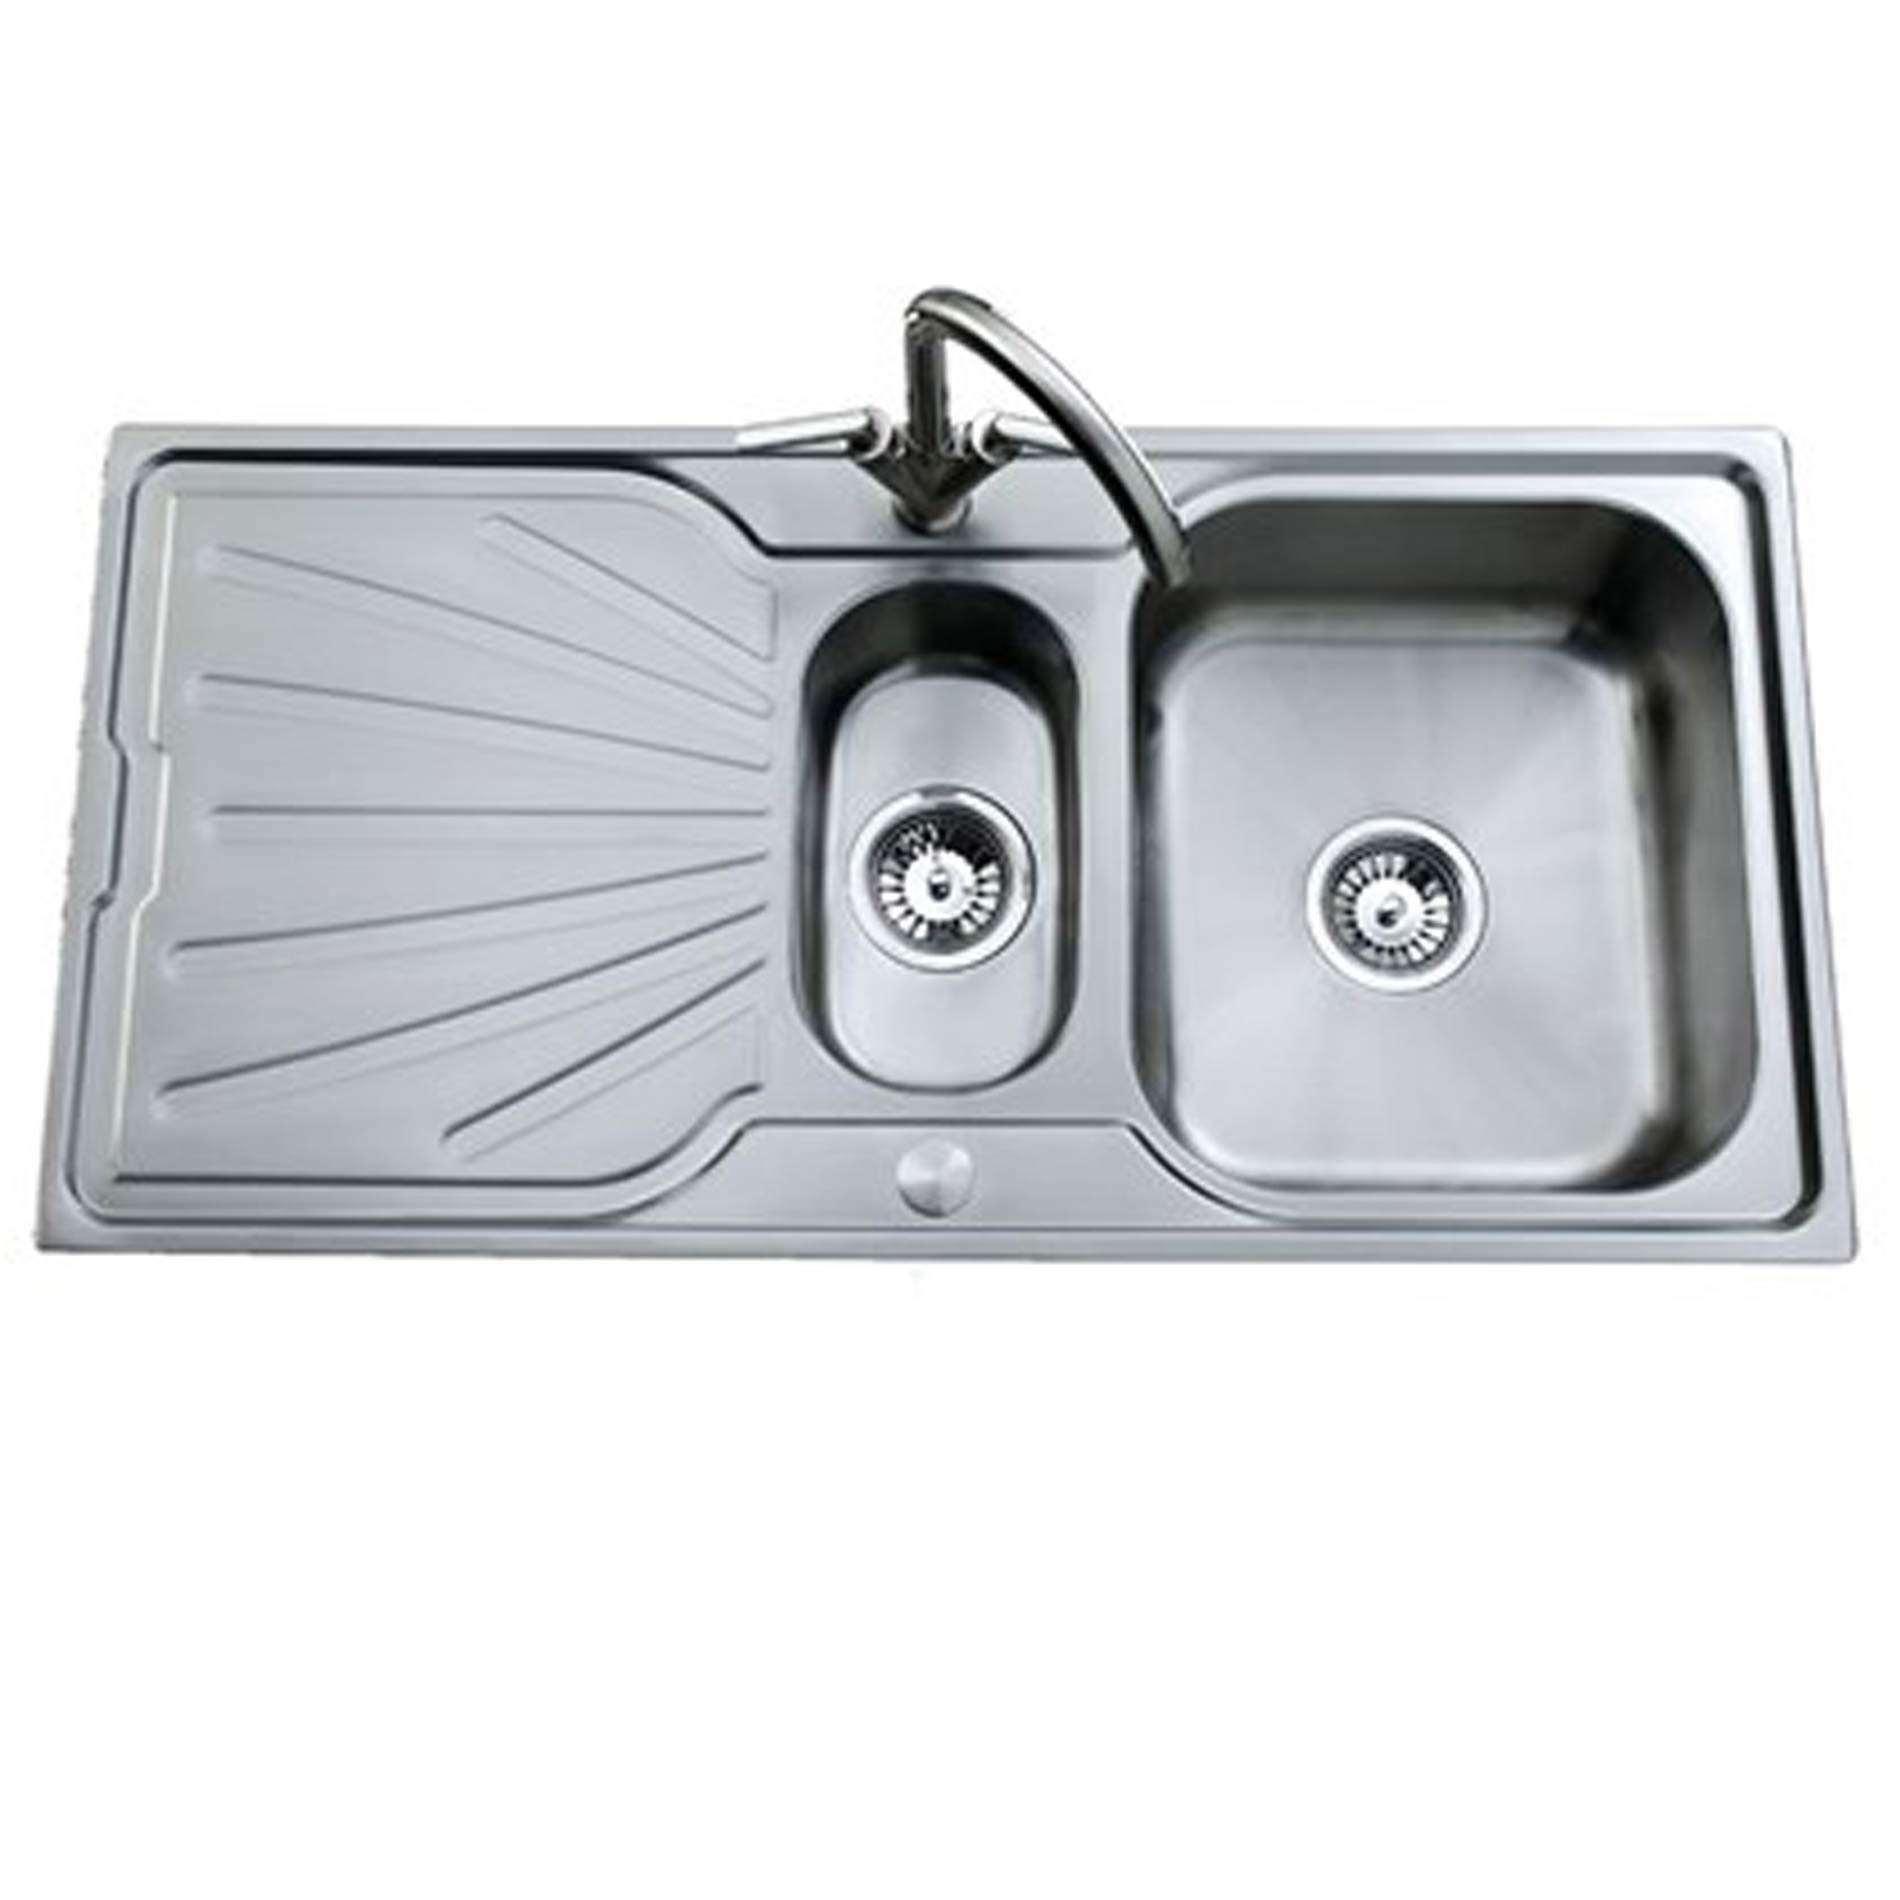 Sinks - Kitchen Sinks & Taps